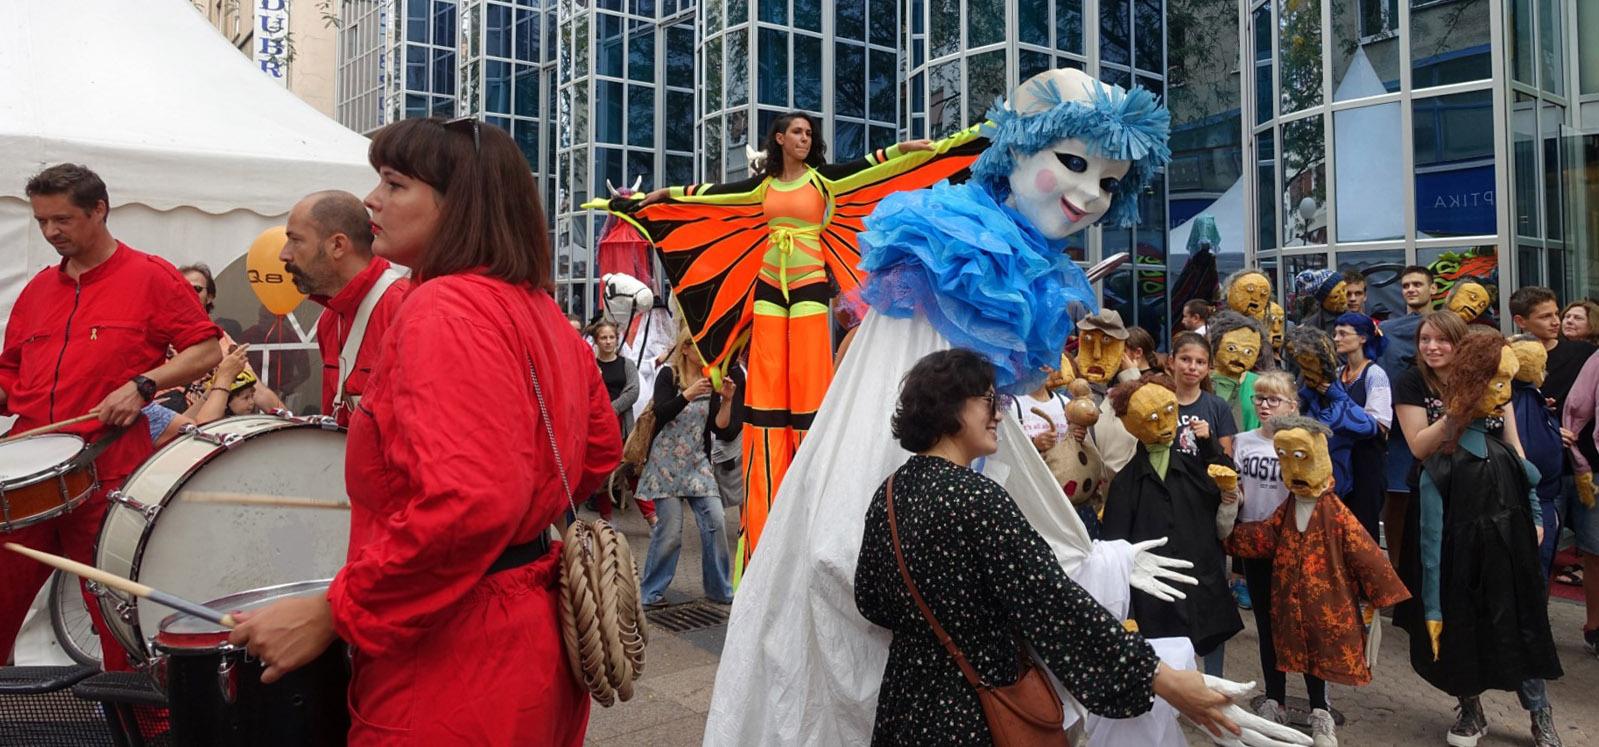 52e Festival International de Théâtre de Marionnettes – PIF